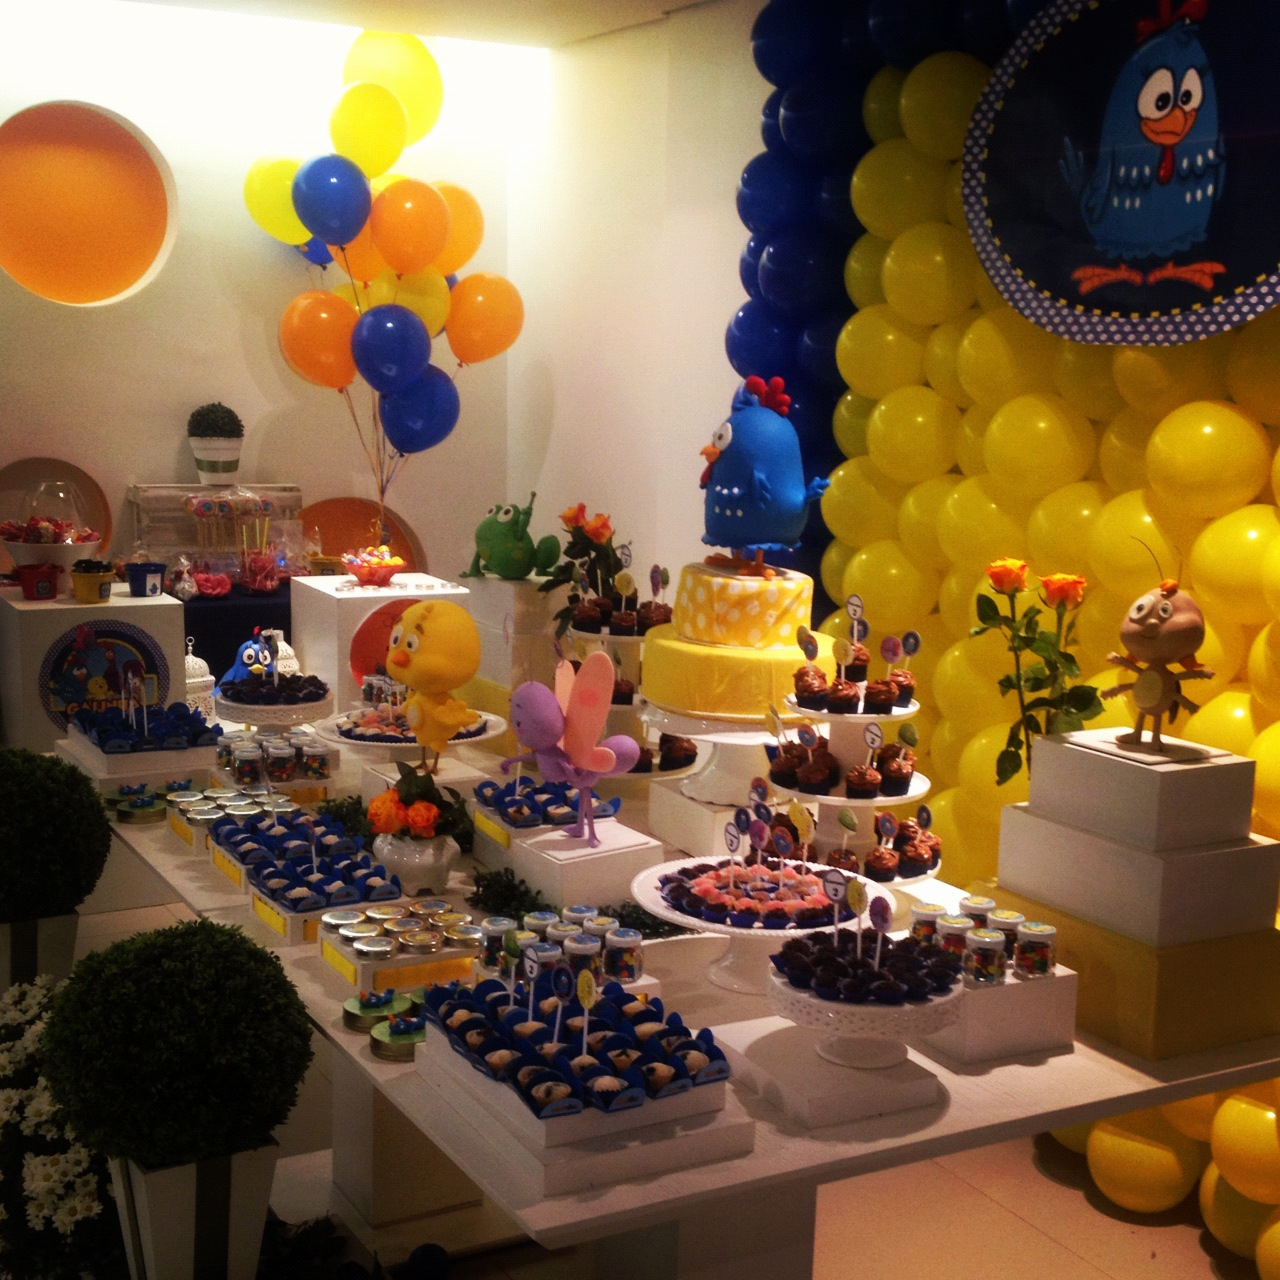 decoracao galinha pintadinha azul e amarelo:Festas Personalizadas em Brasília: Galinha Pintadinha Azul e Amarelo